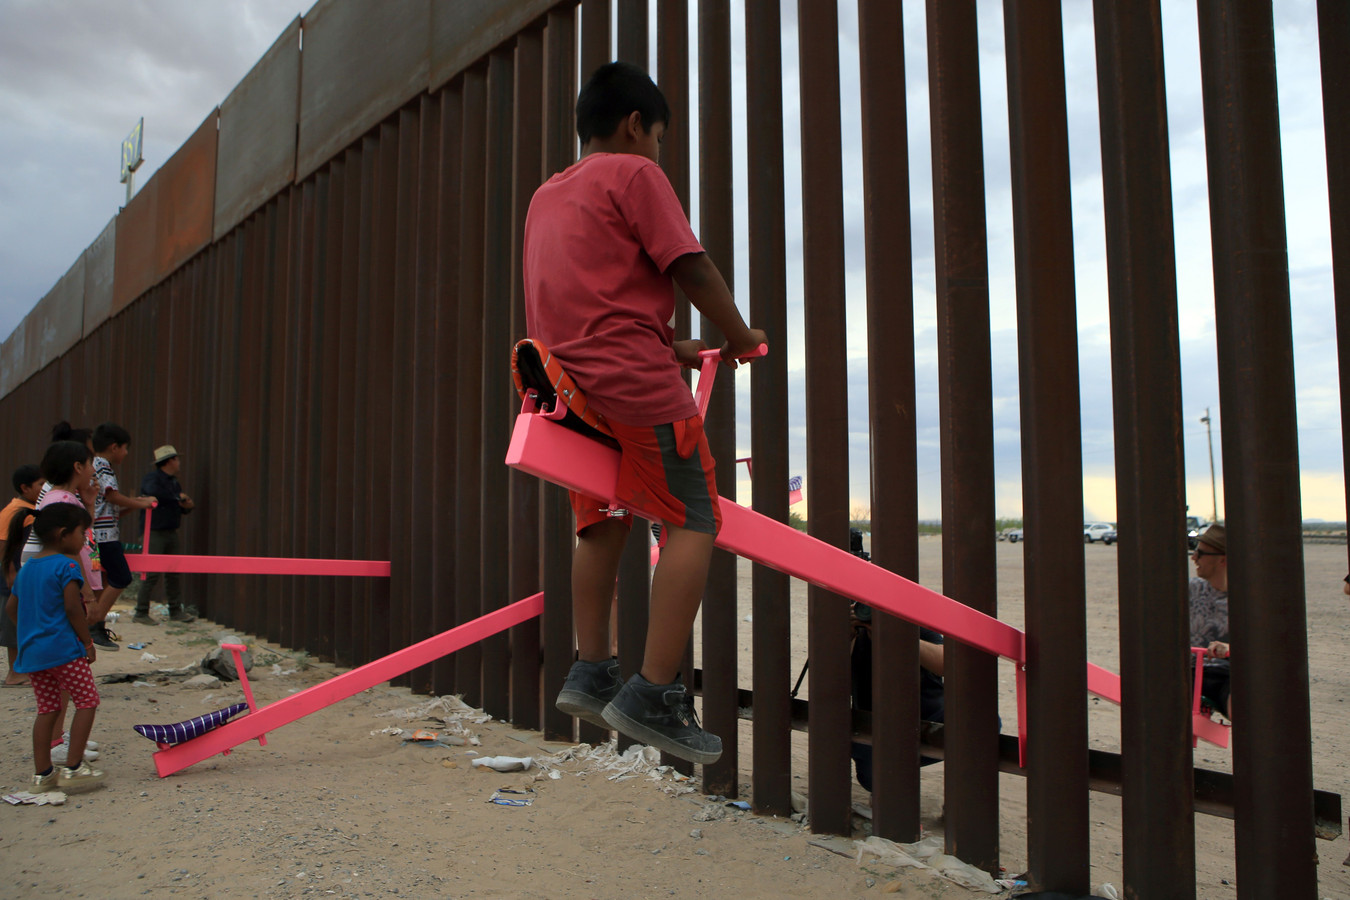 Amerikaanse en Mexicaanse families spelen op een wip die tussen de spijlen van een grenshek is bevestigd.